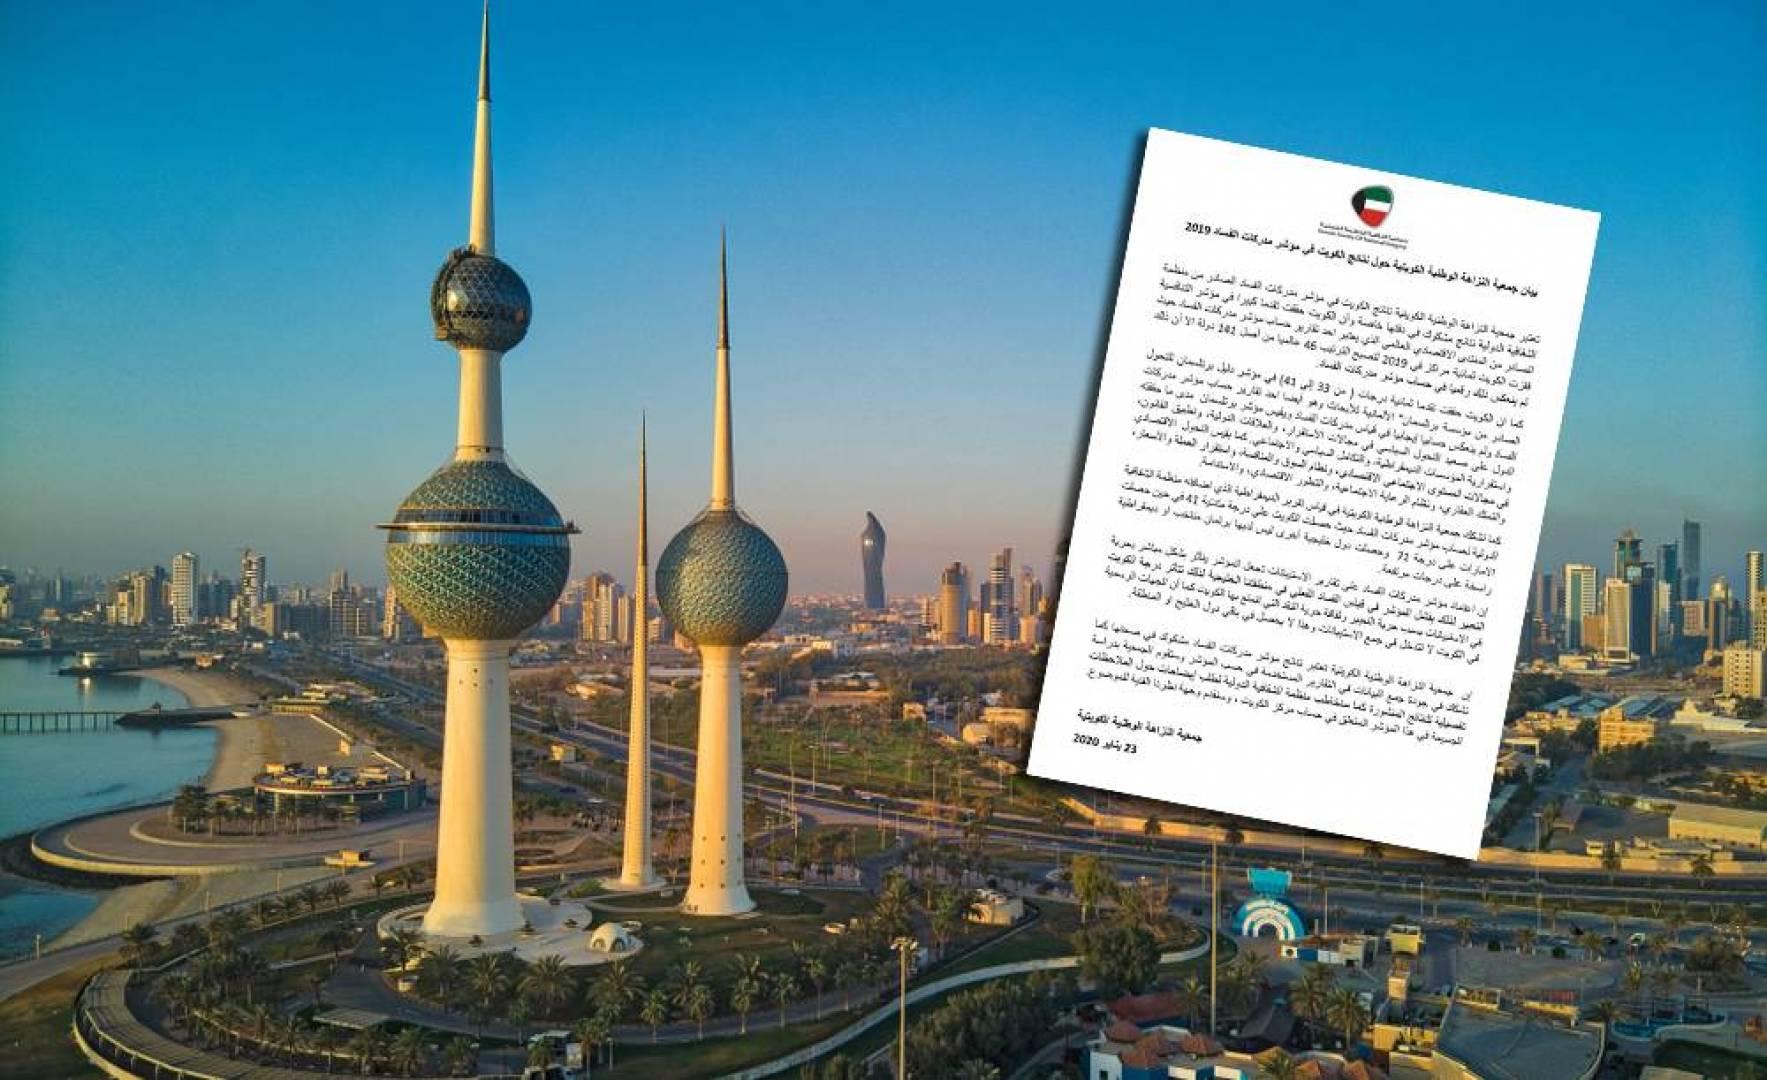 جمعية النزاهة الوطنية الكويتية تشكك في صحة نتائج مؤشر مدركات الفساد